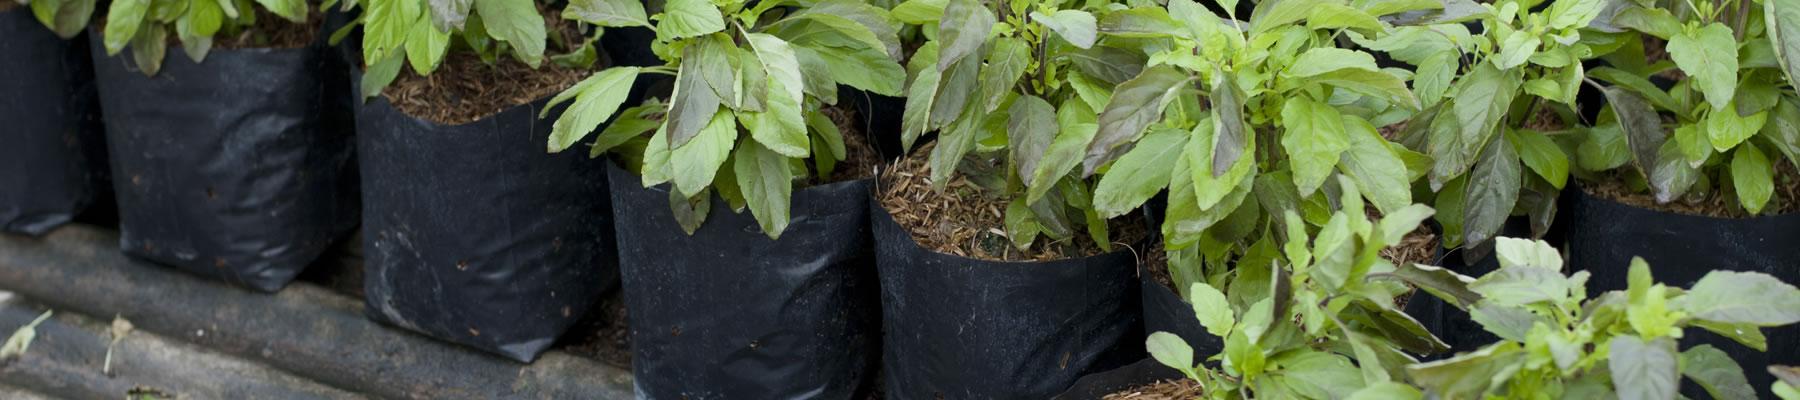 Piantine da orto e piante da frutto - Calendario trattamenti piante da frutto ...